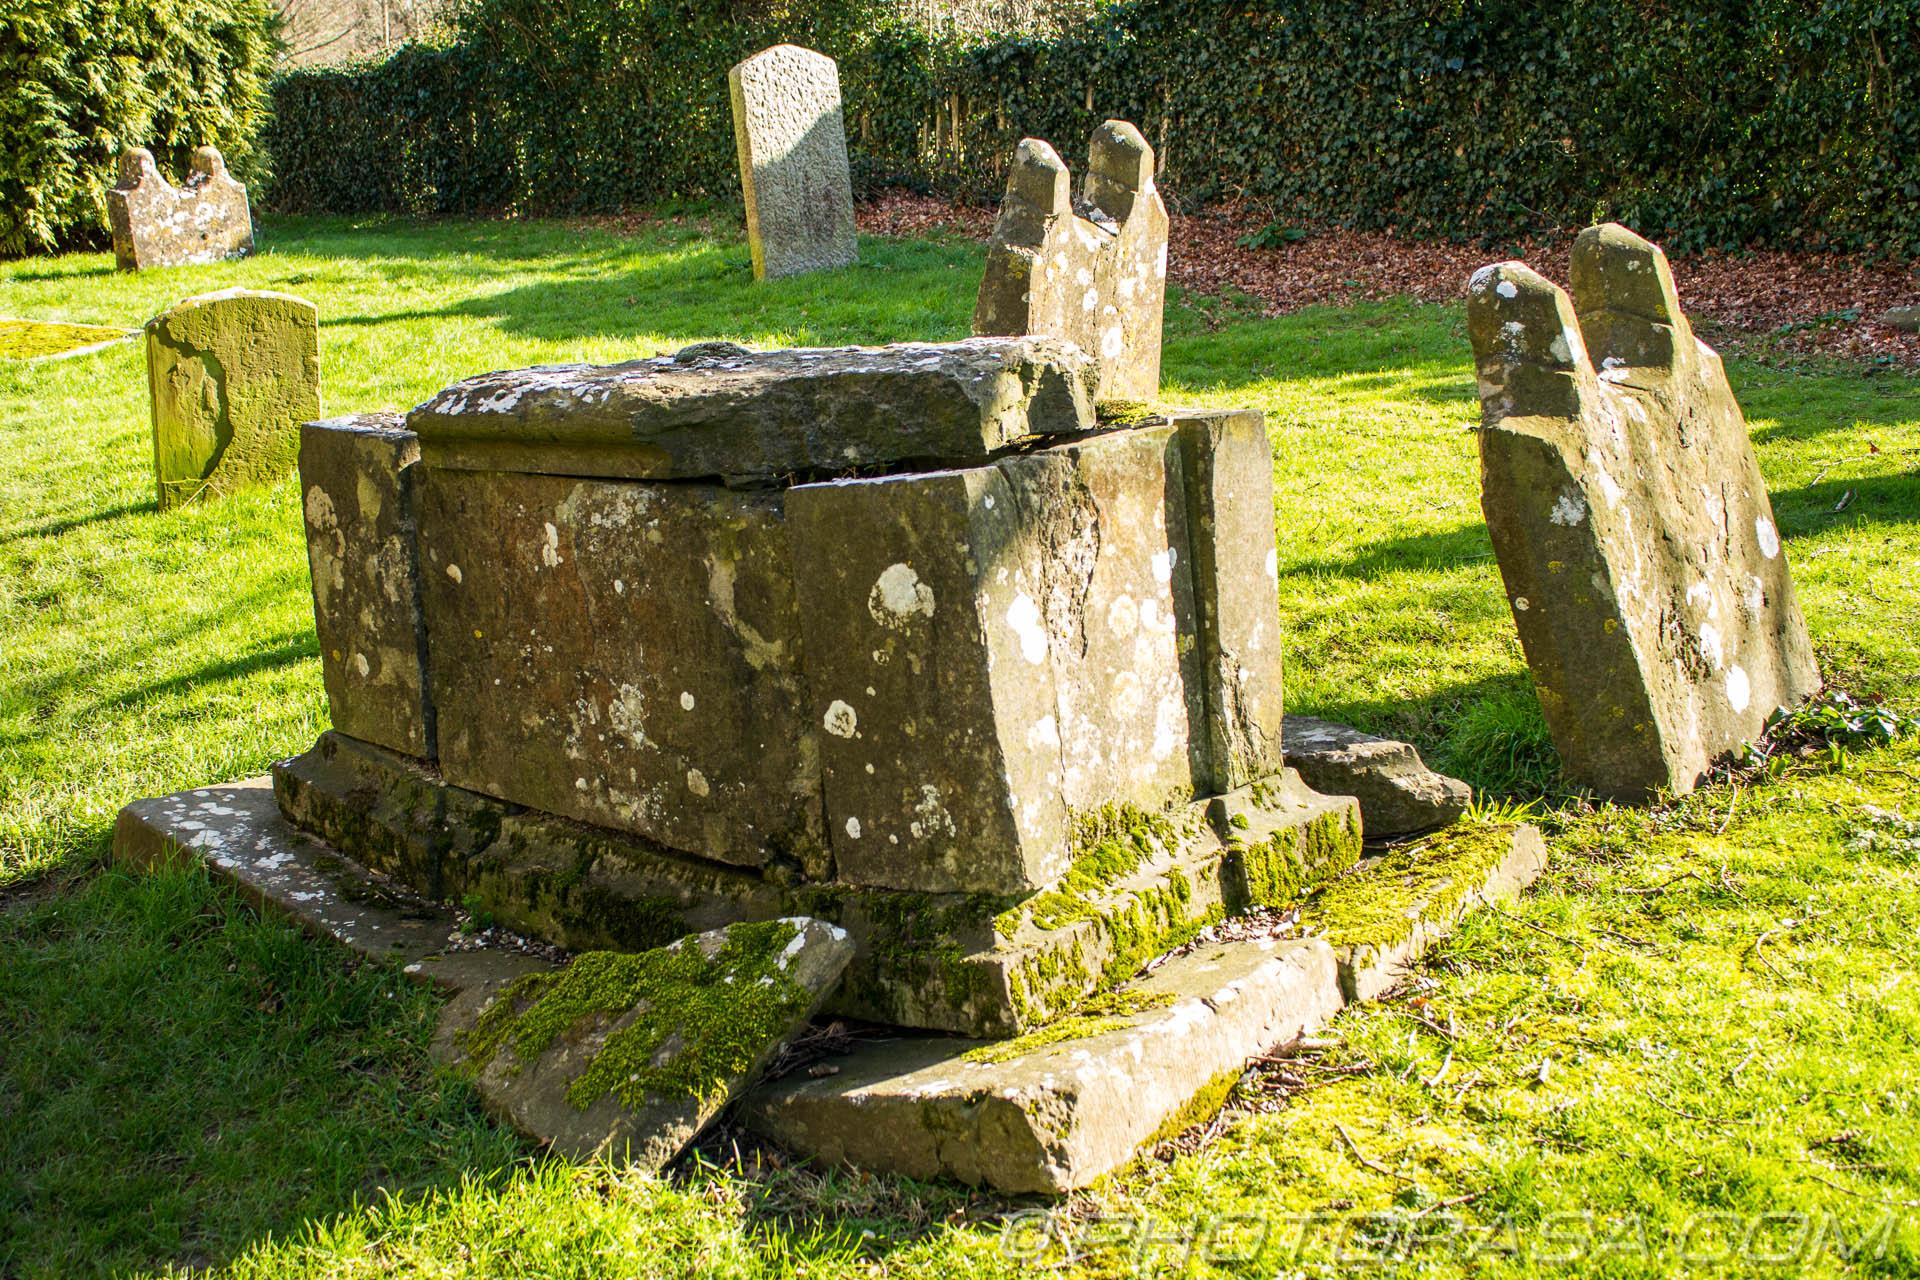 http://photorasa.com/parish-church-st-peter-st-paul-headcorn/crumbling-tomb/